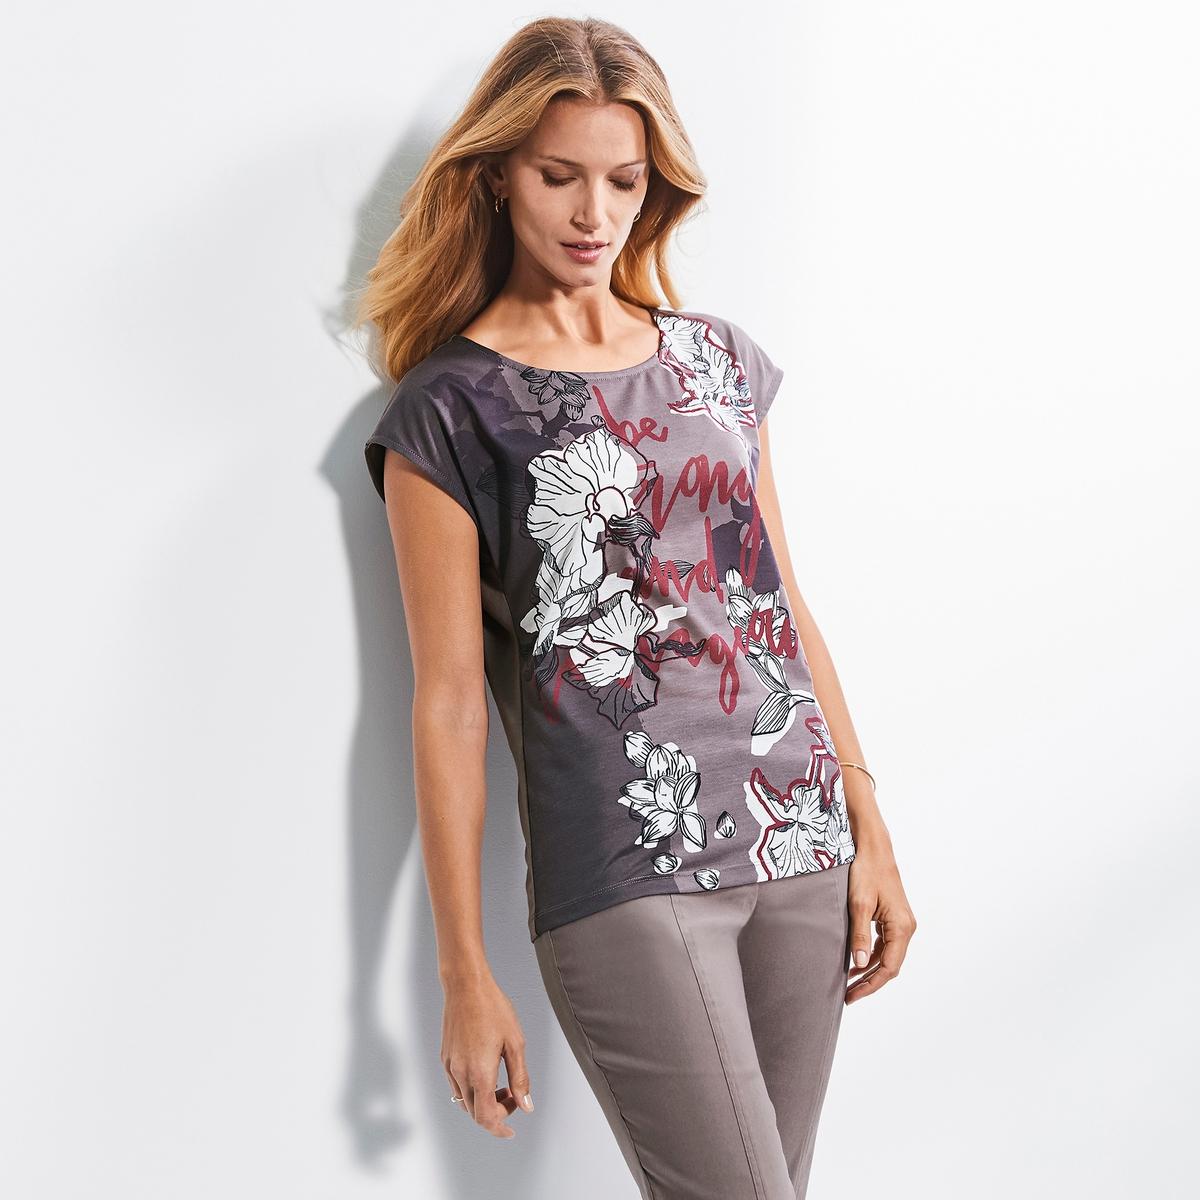 Imagen secundaria de producto de Camiseta estampada con punto ligero, de dos tejido - Anne weyburn